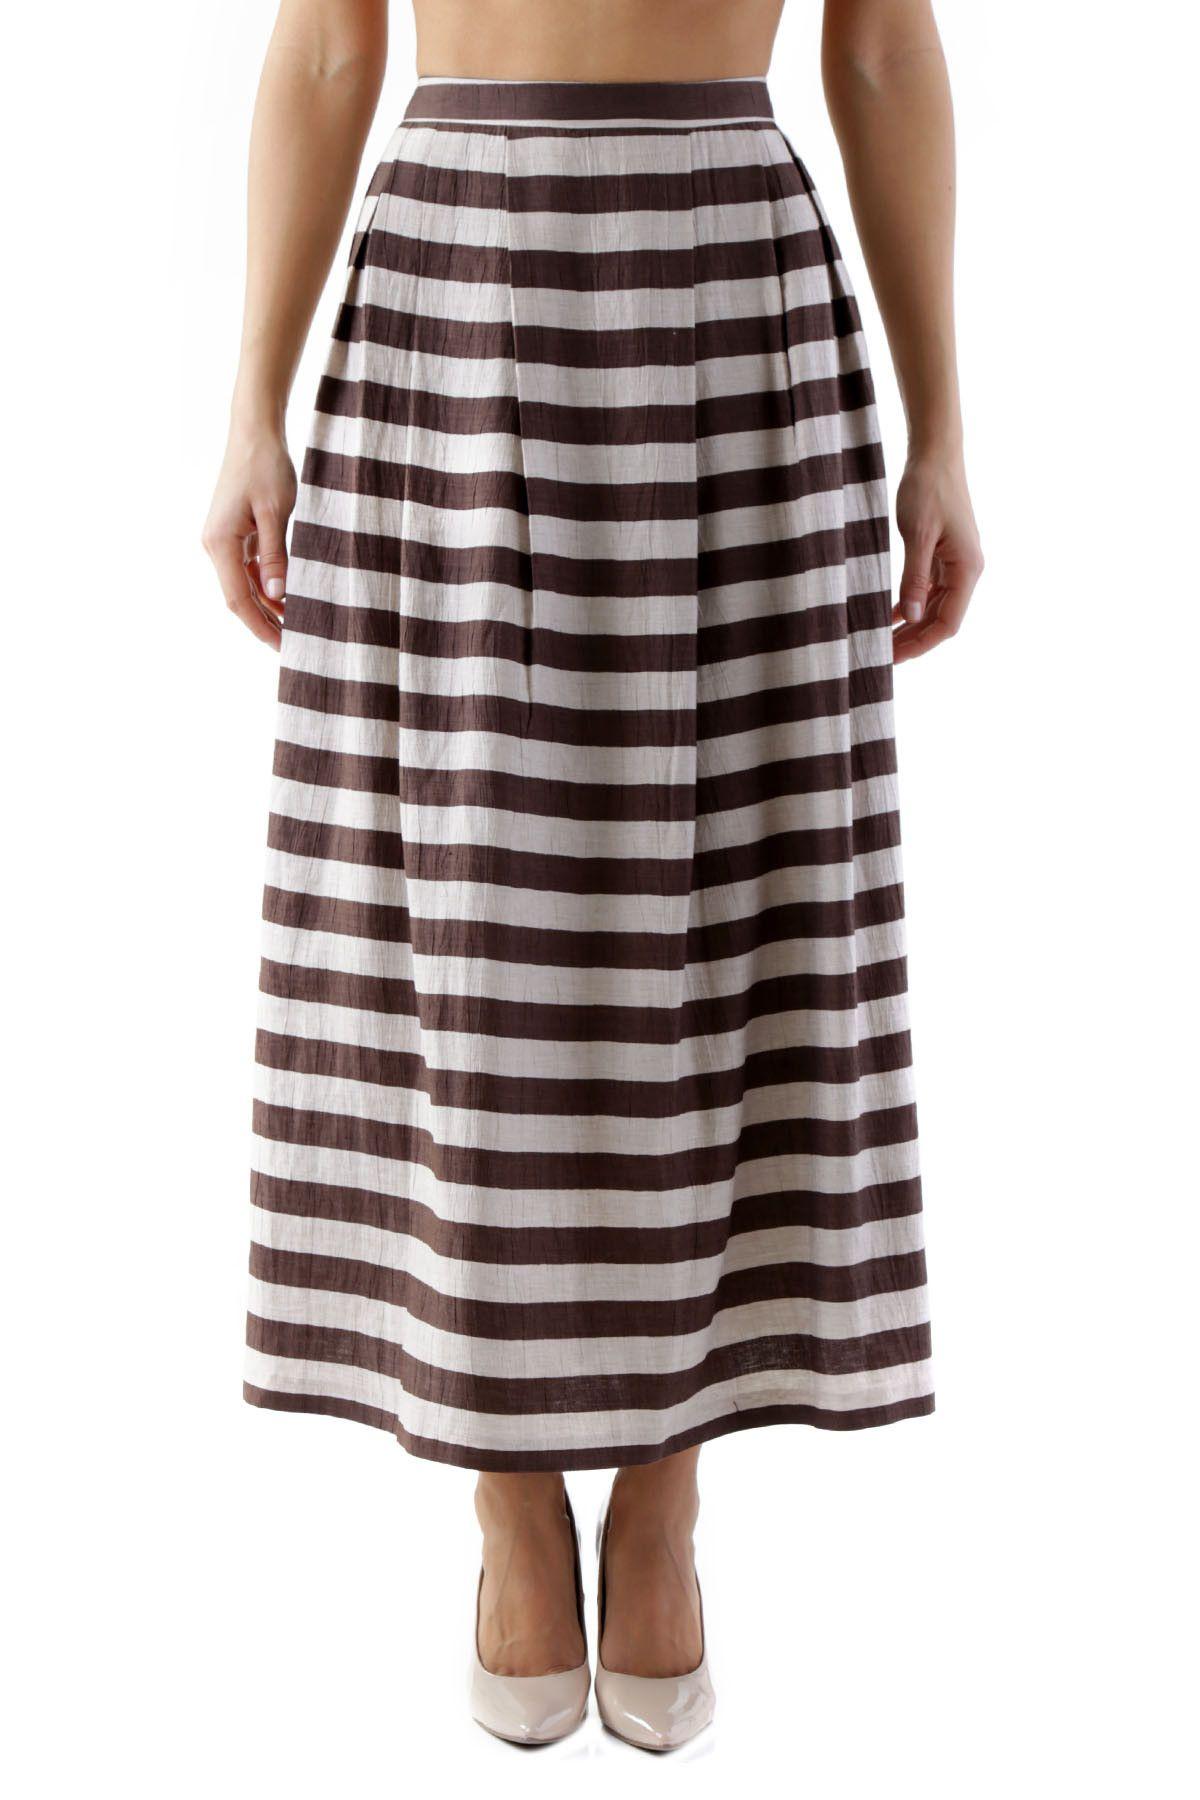 Olivia Hops Women's Skirt In Brown